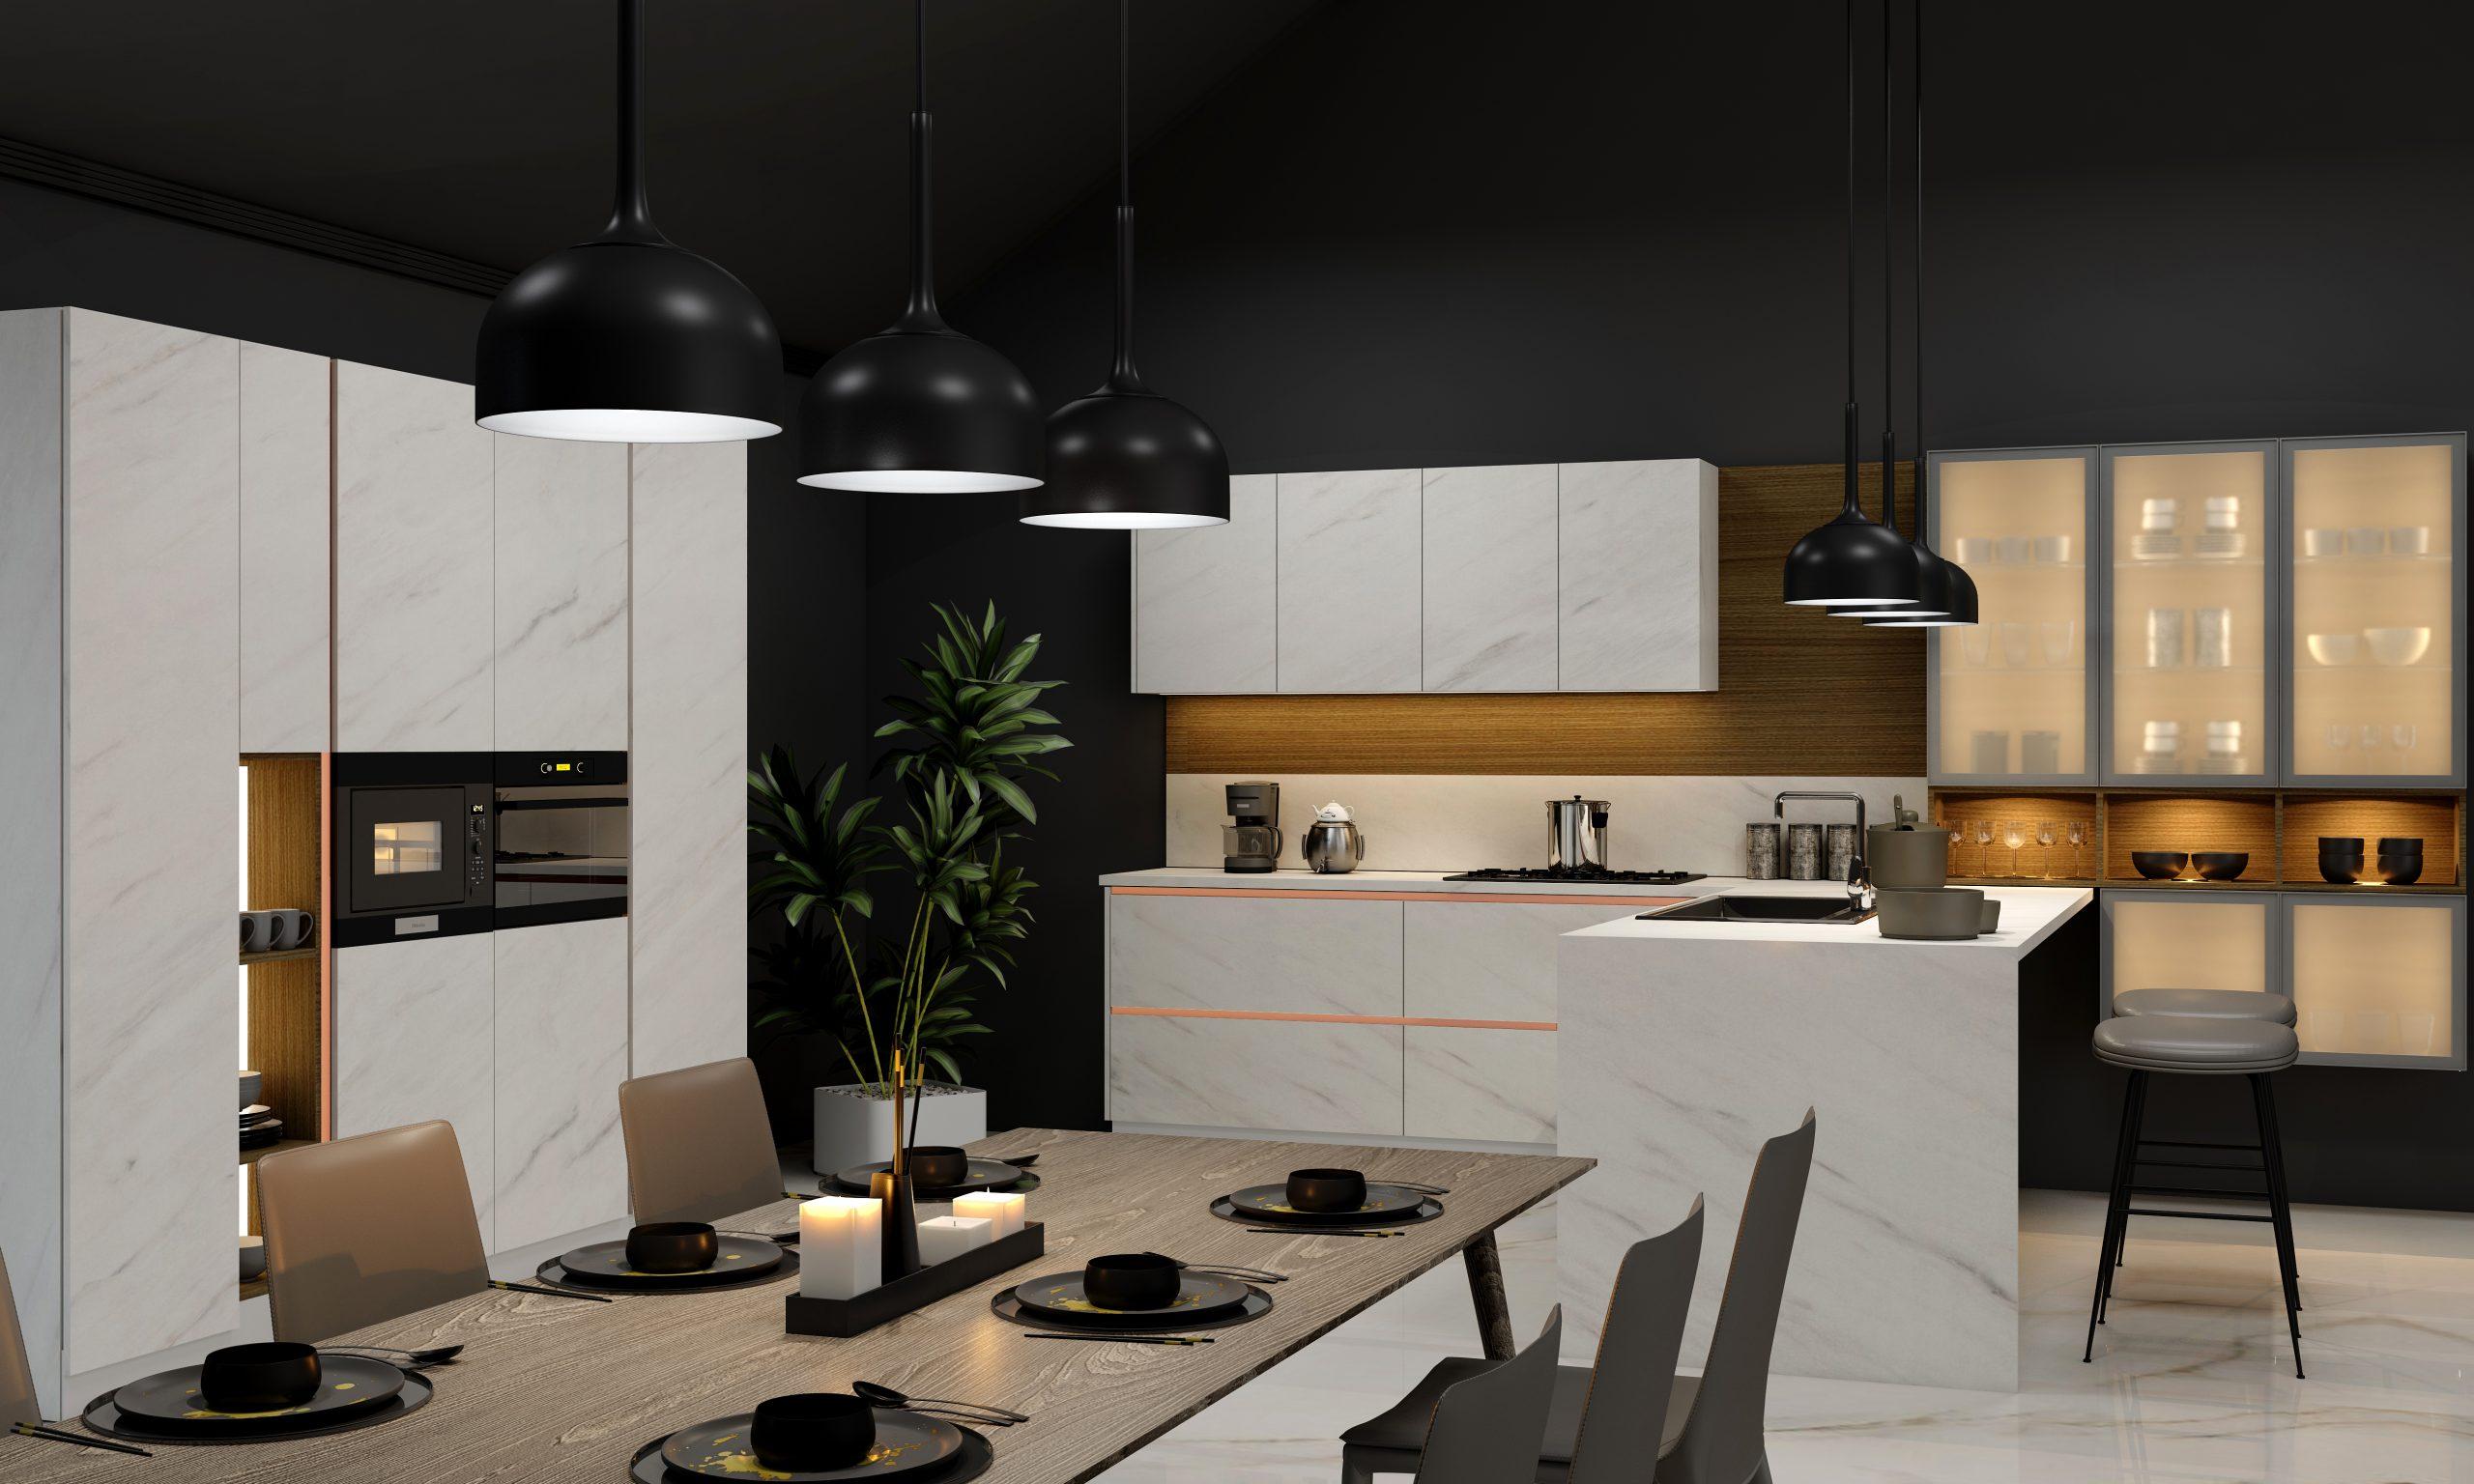 Kitchen with White stone grain finish